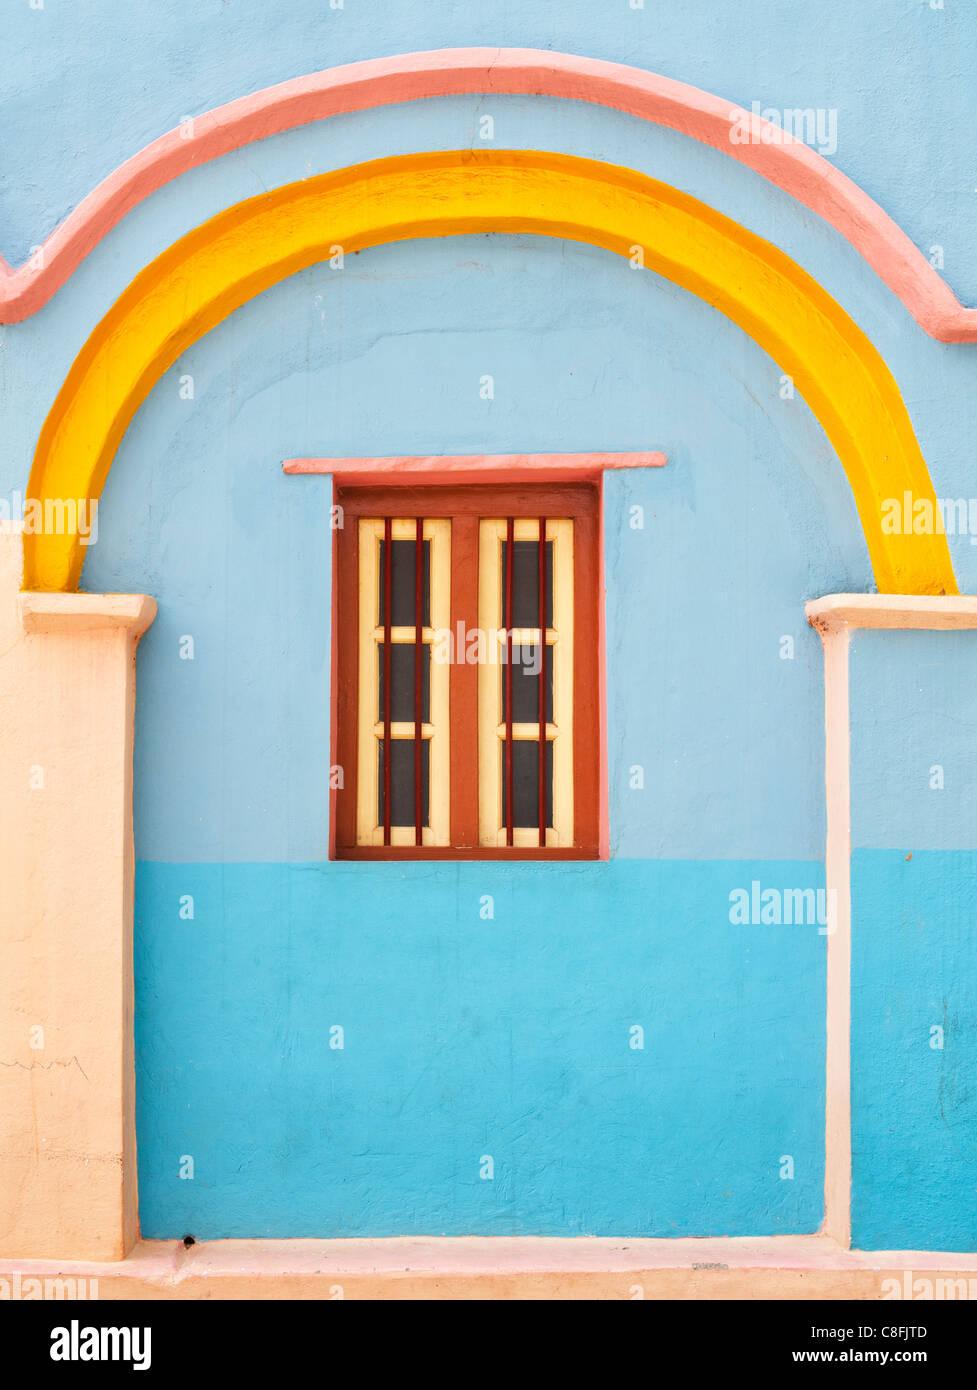 Colorato di blu e giallo indian village casa dettaglio. Andhra Pradesh. India Immagini Stock